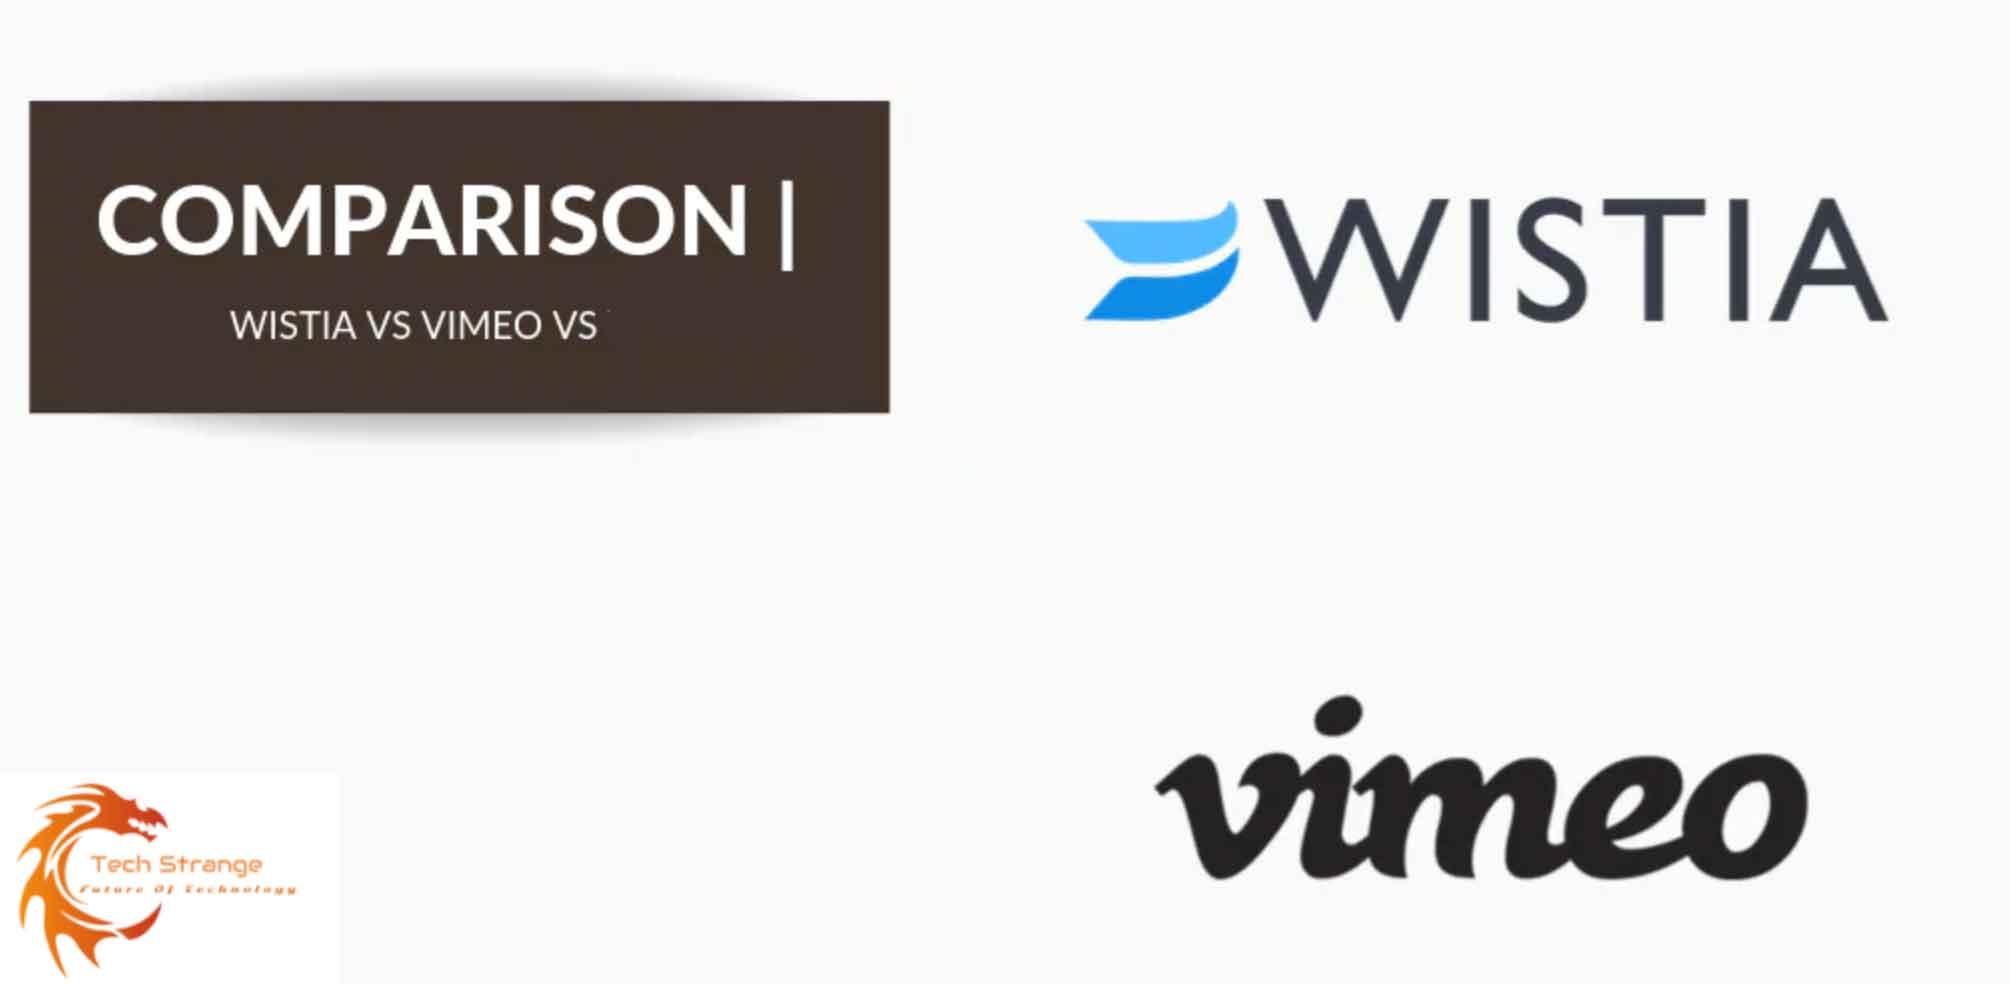 Wistia vs Vimeo